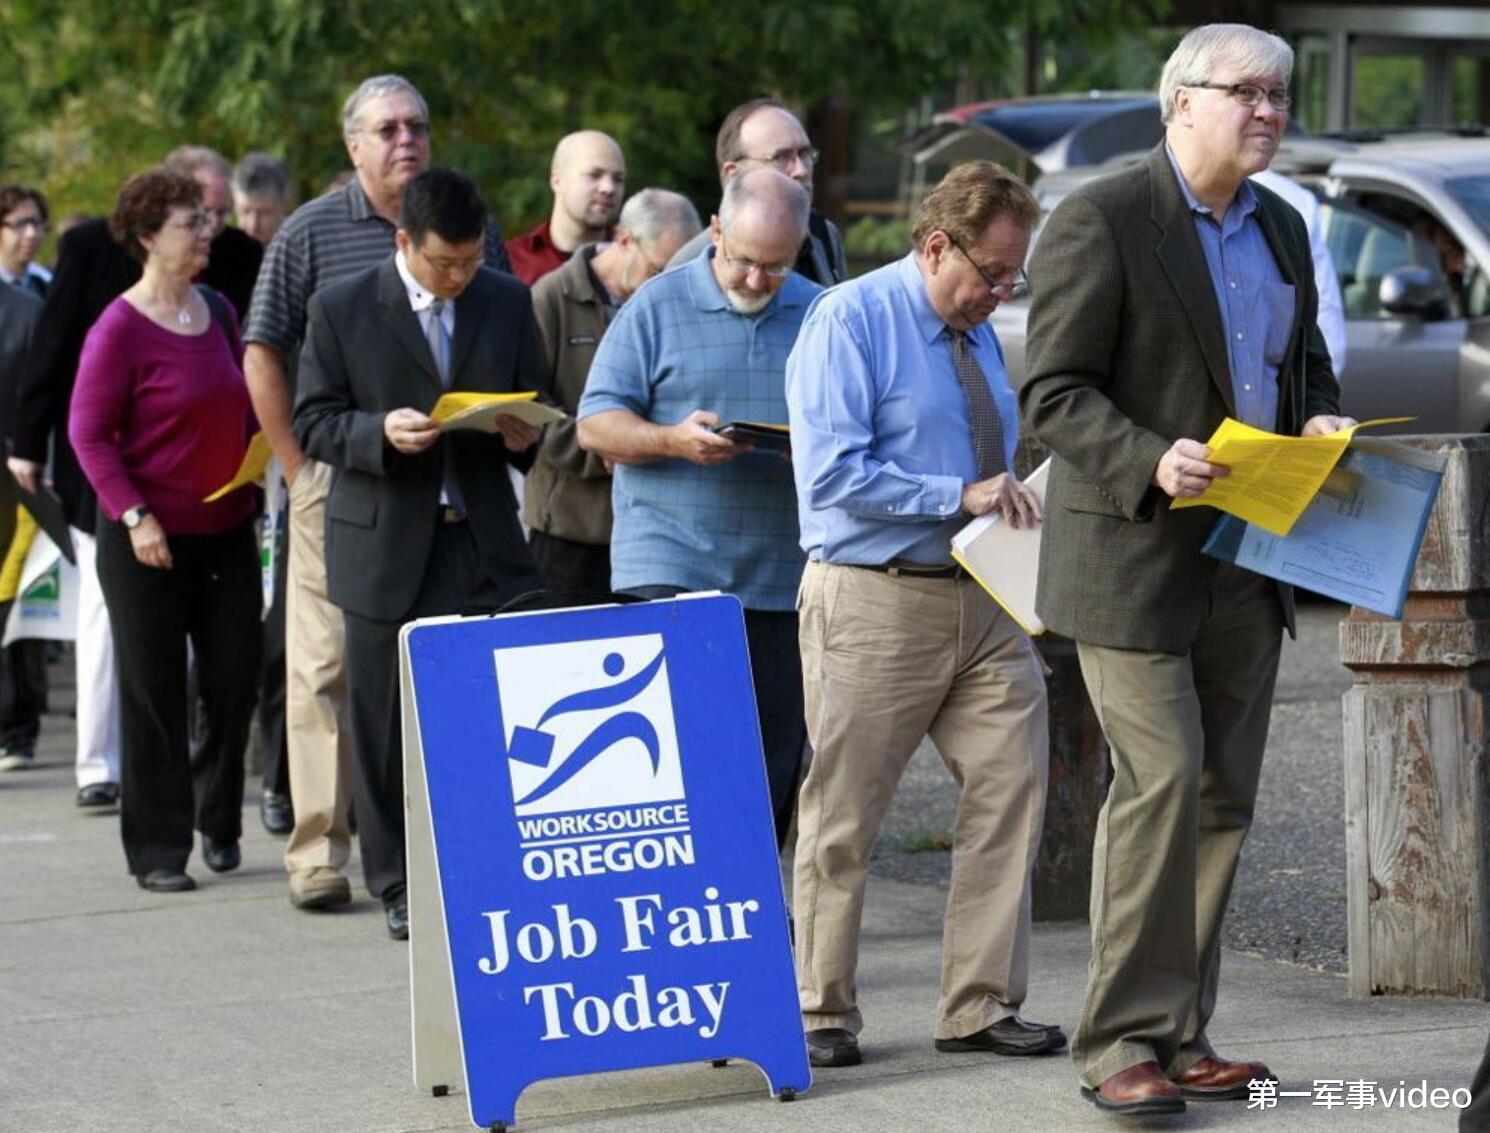 美國航空業遭遇重創,希望再援助1700億,否則三萬人員將失業-圖3